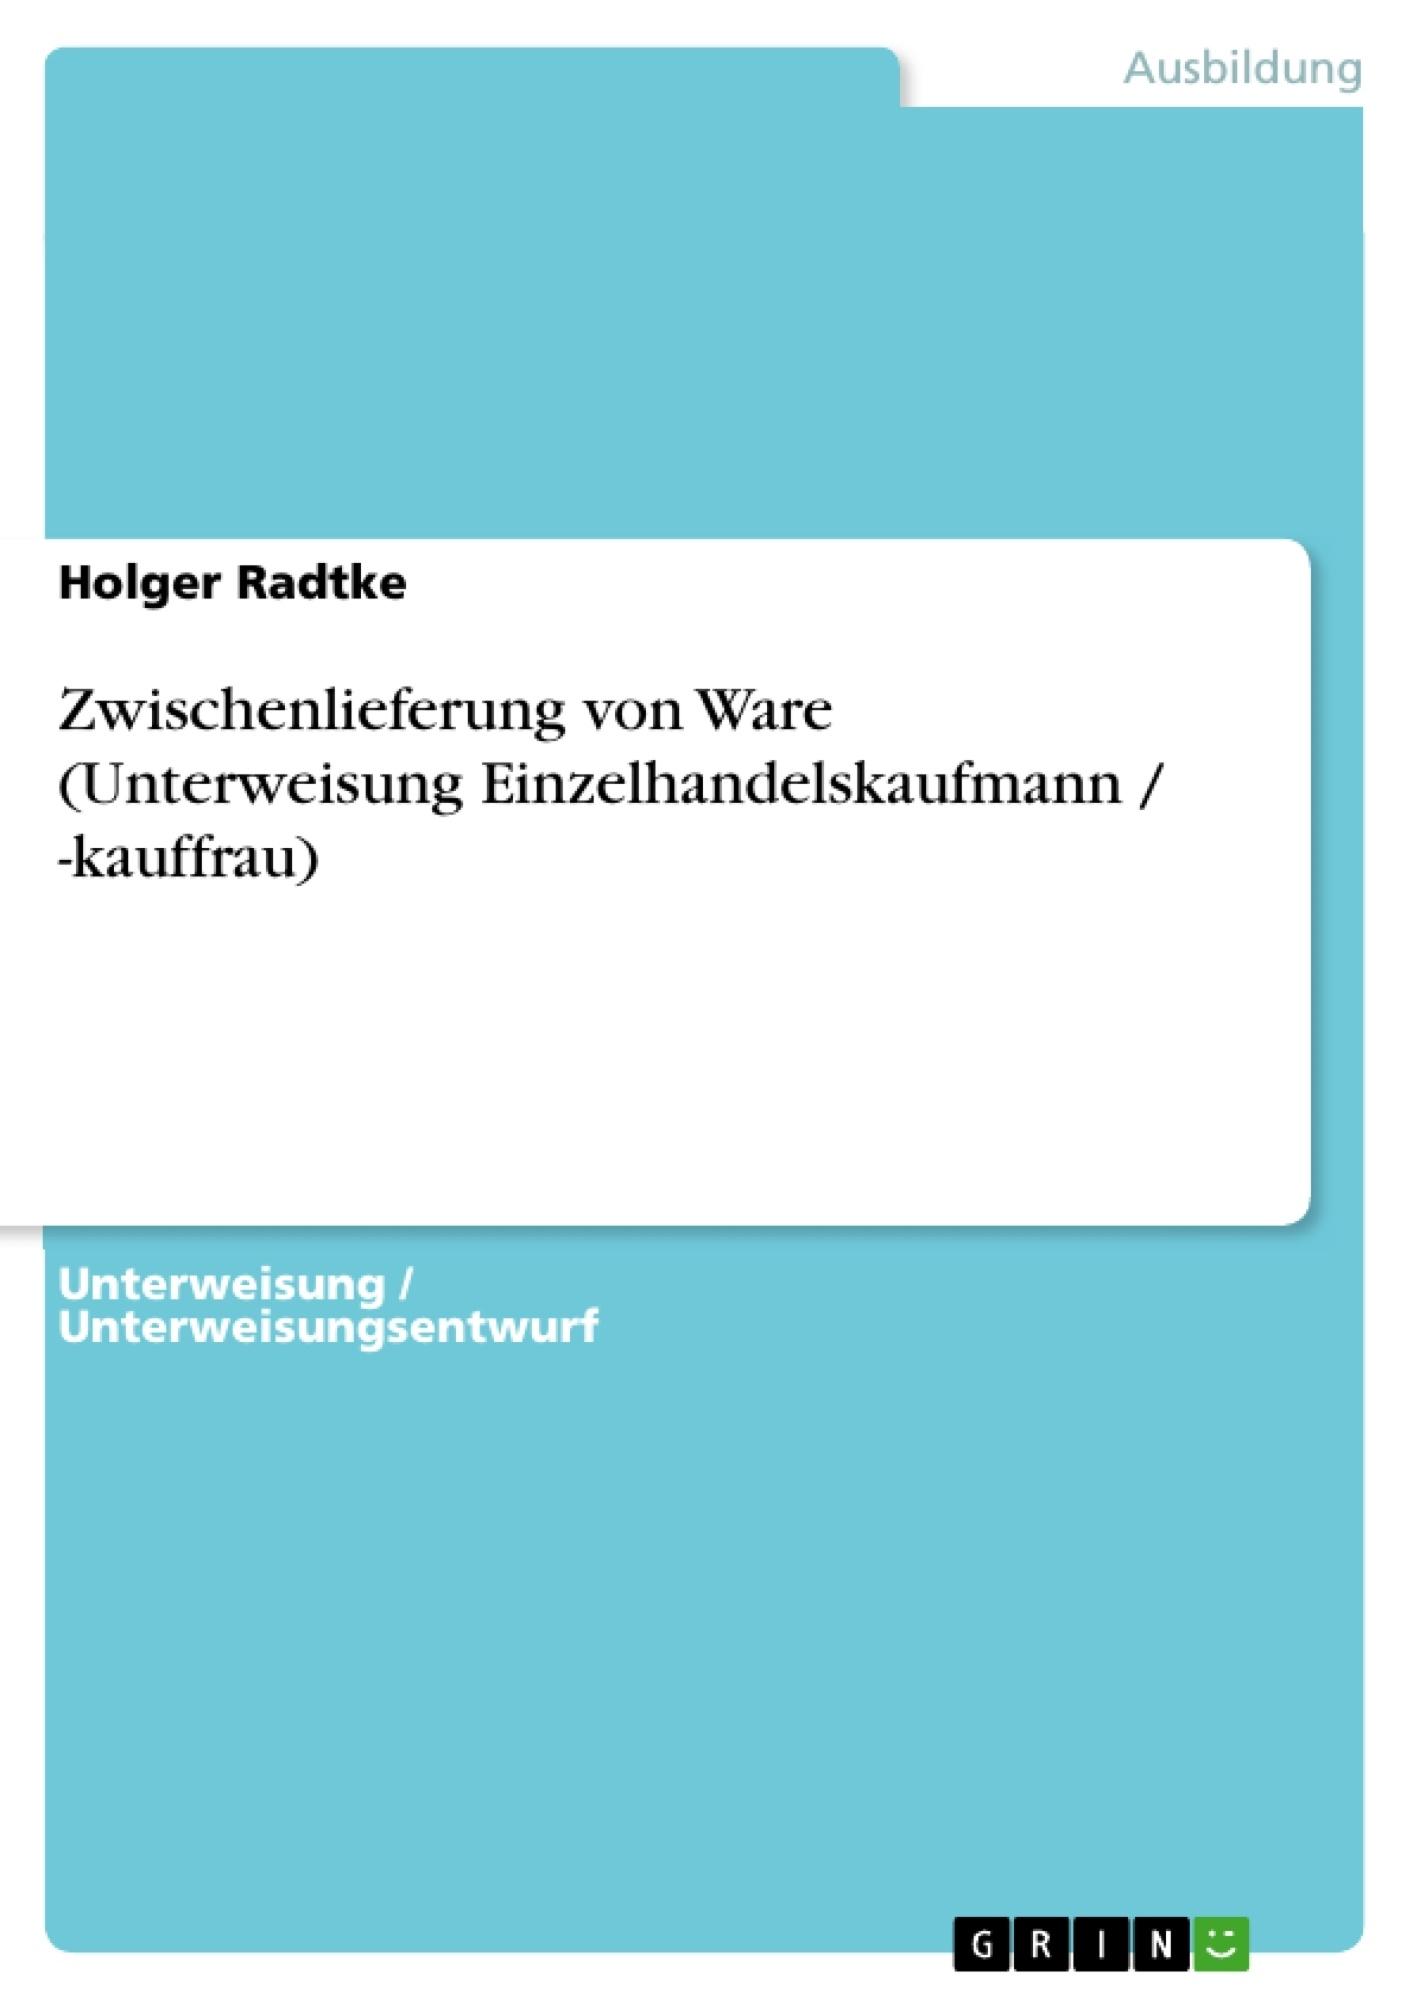 Titel: Zwischenlieferung von Ware (Unterweisung Einzelhandelskaufmann / -kauffrau)